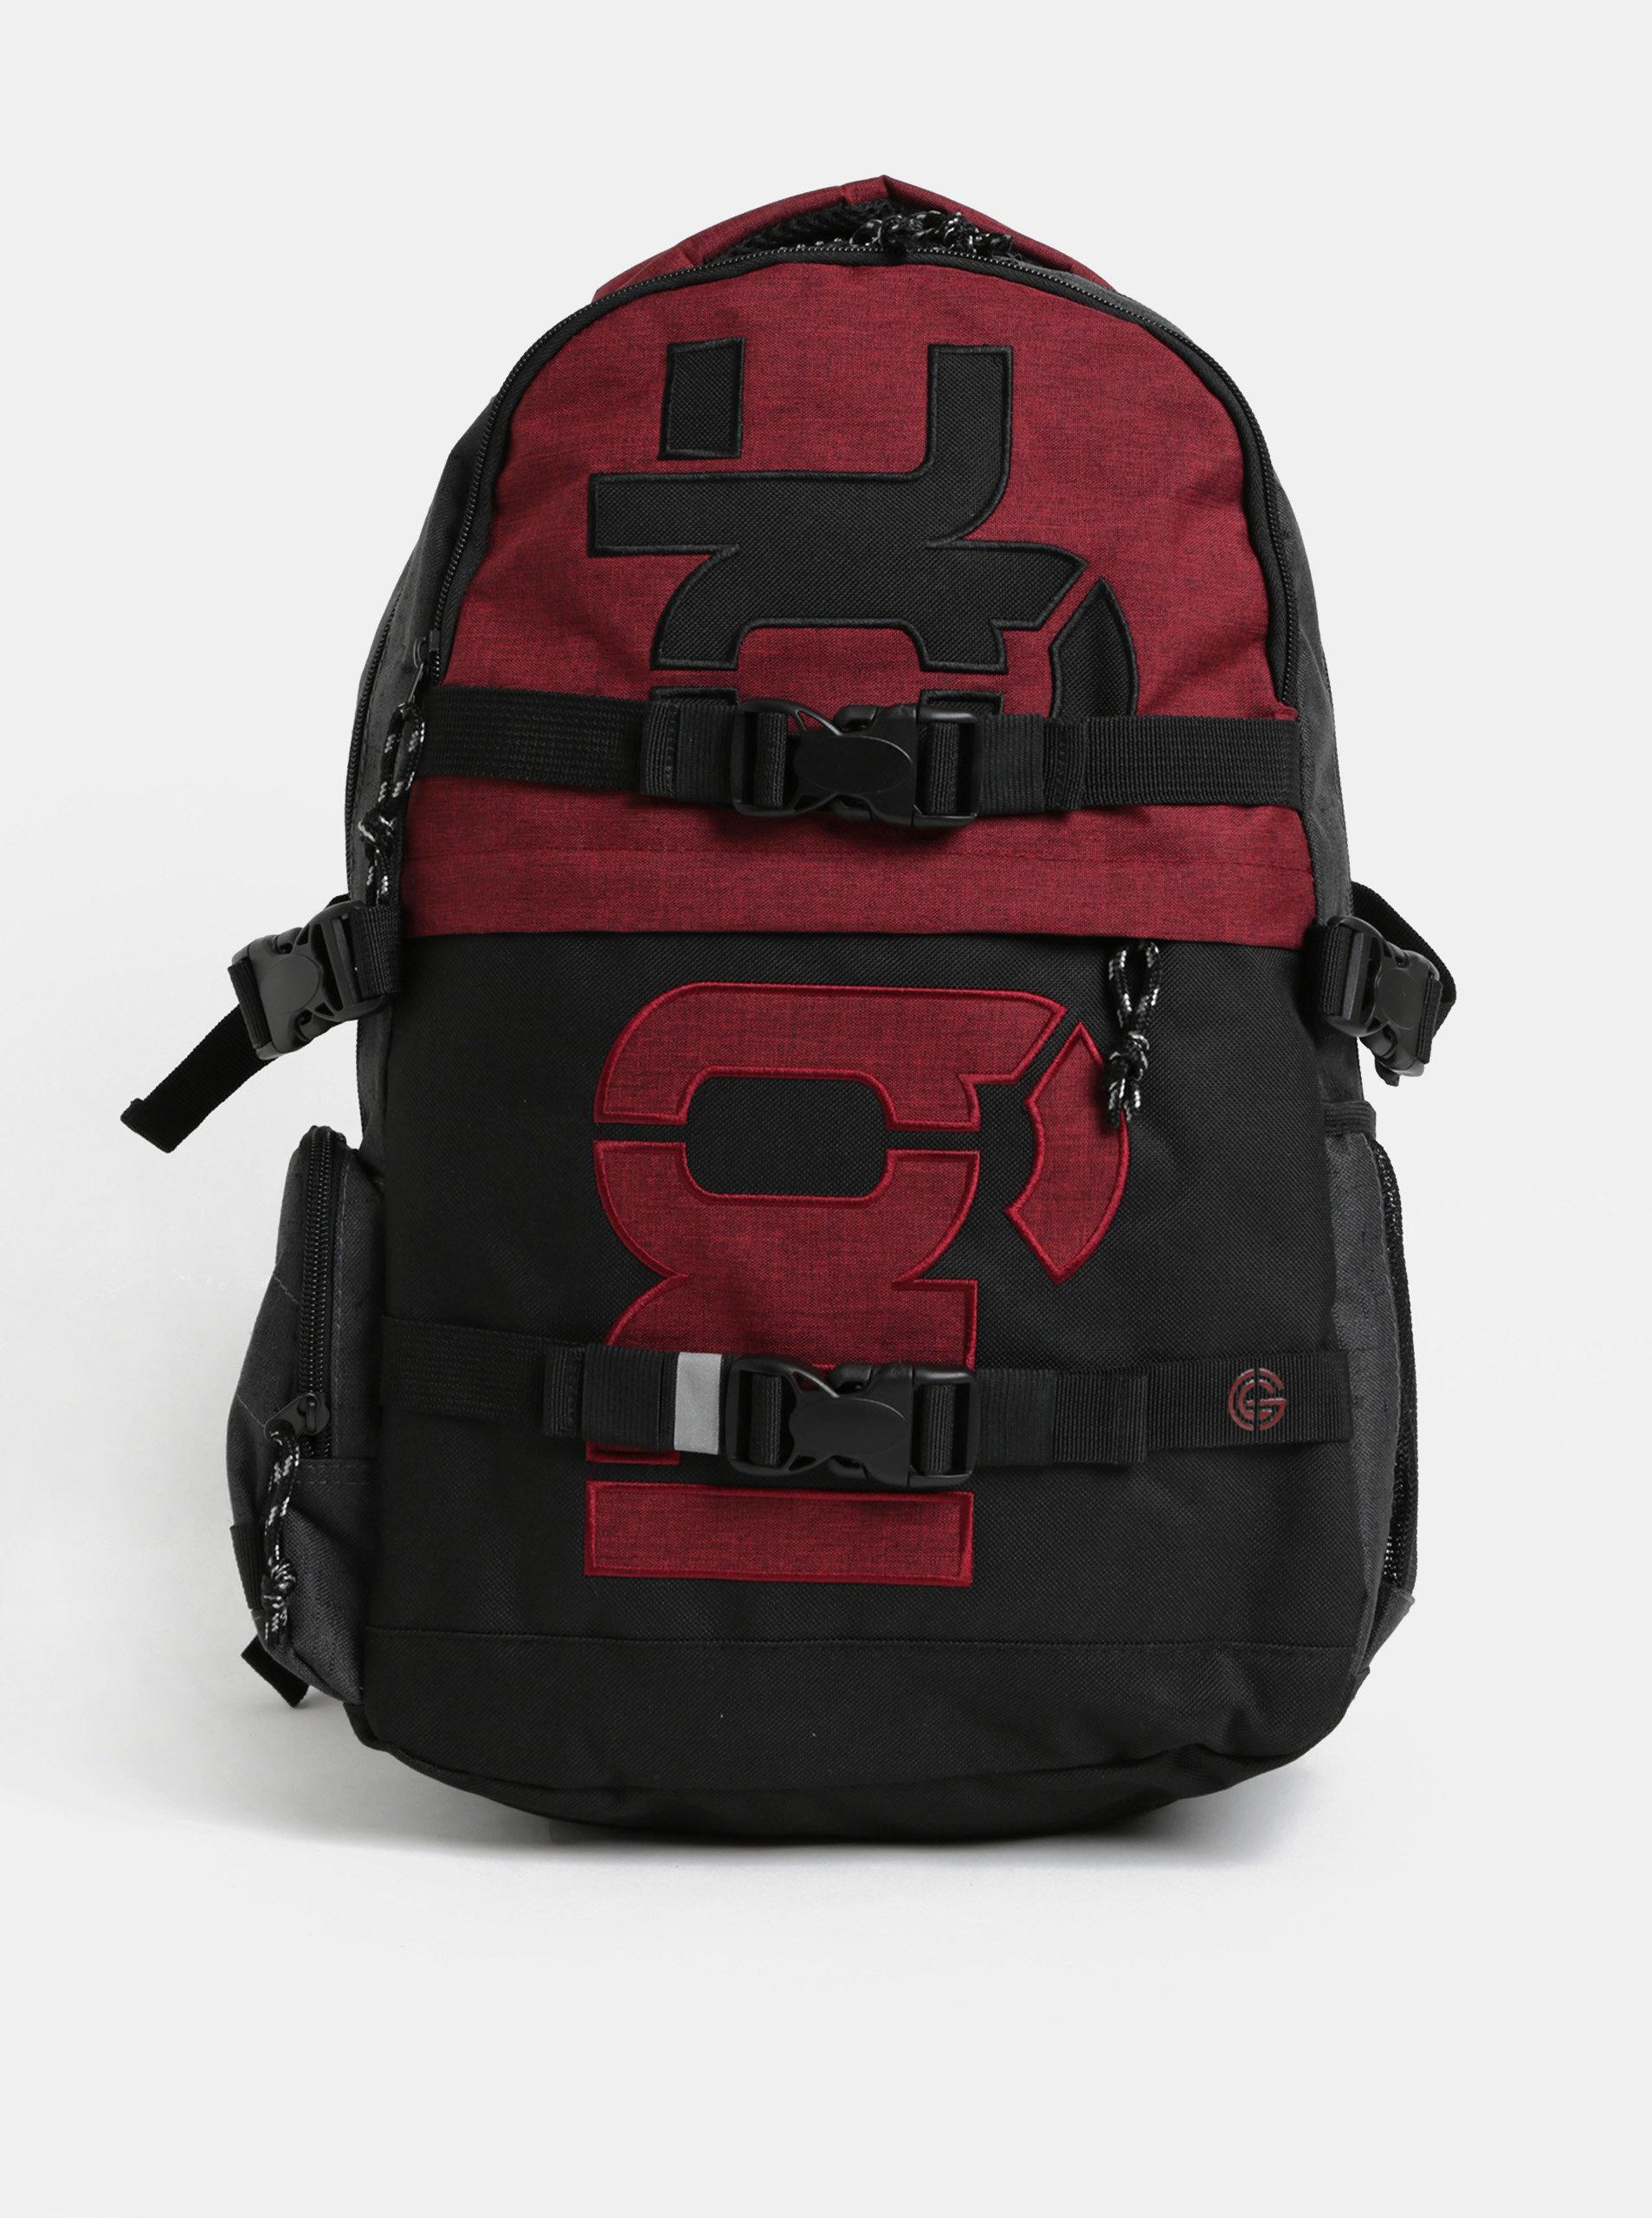 Fotografie Červeno-šedý batoh s odnímatelným bederním popruhem a pláštěnkou NUGGET 30 l